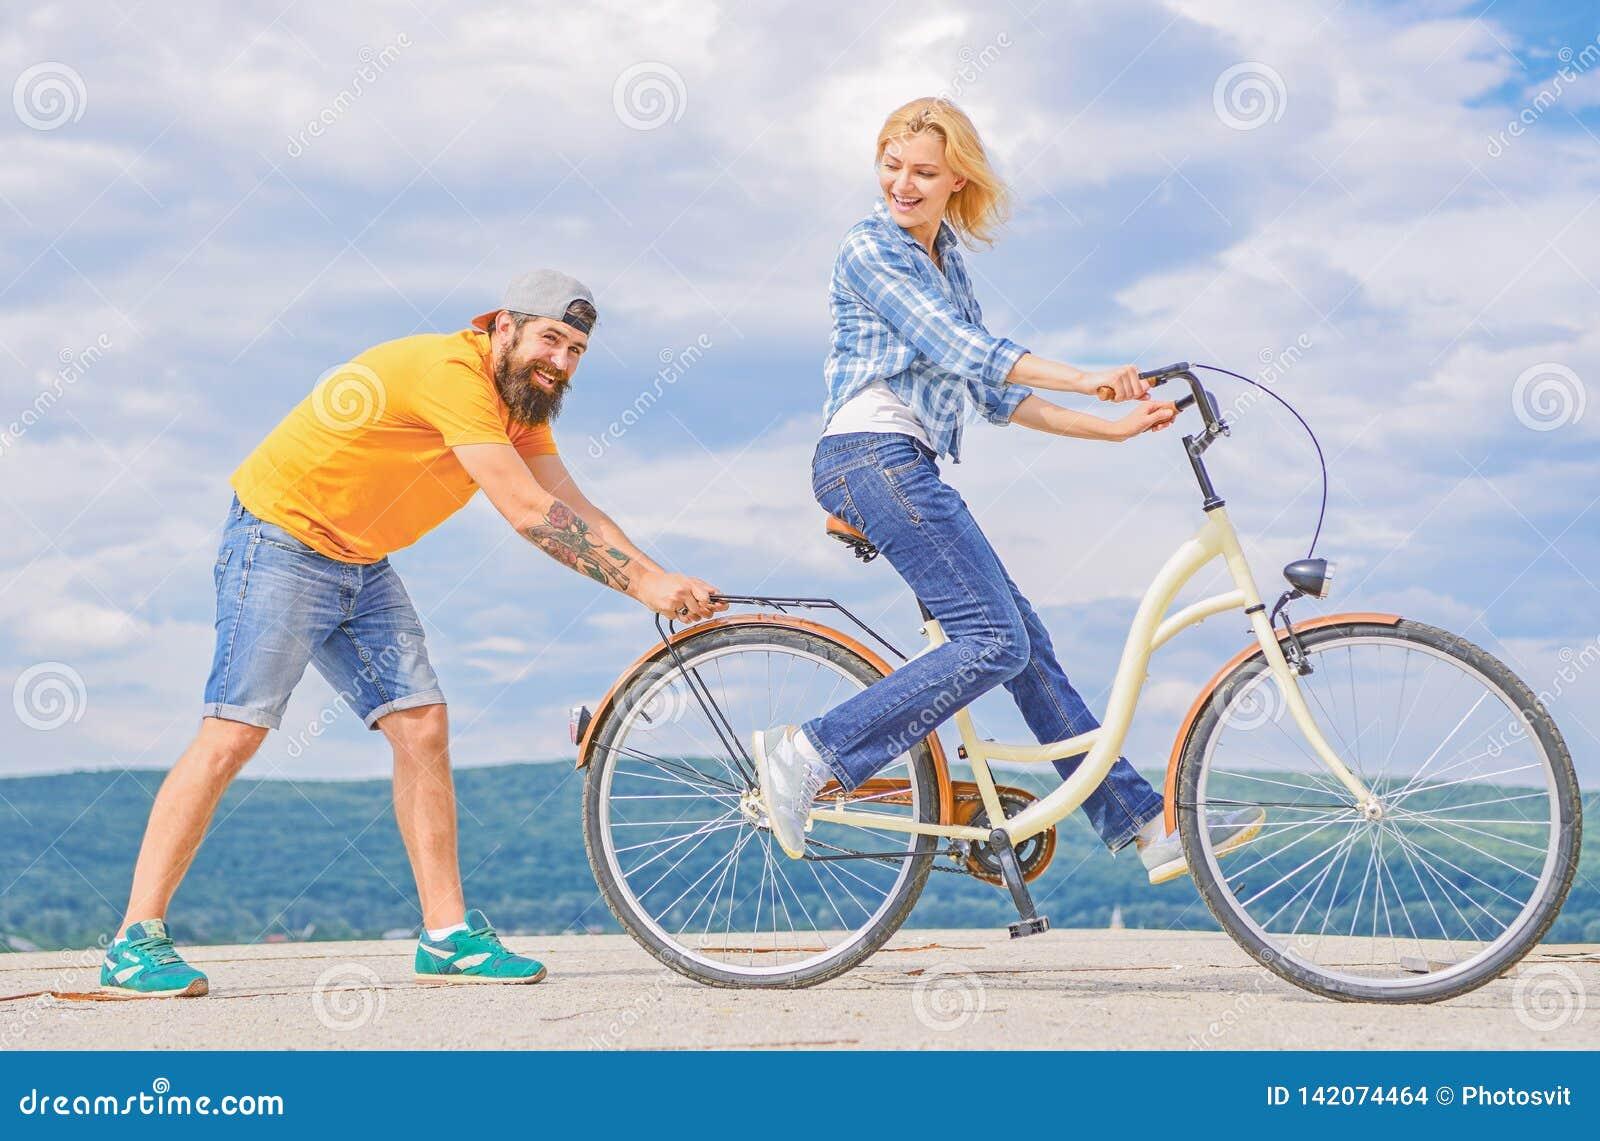 Enseignez l adulte à monter le vélo Les aides d homme gardent l équilibre et montent le vélo Équilibre de découverte La femme mon